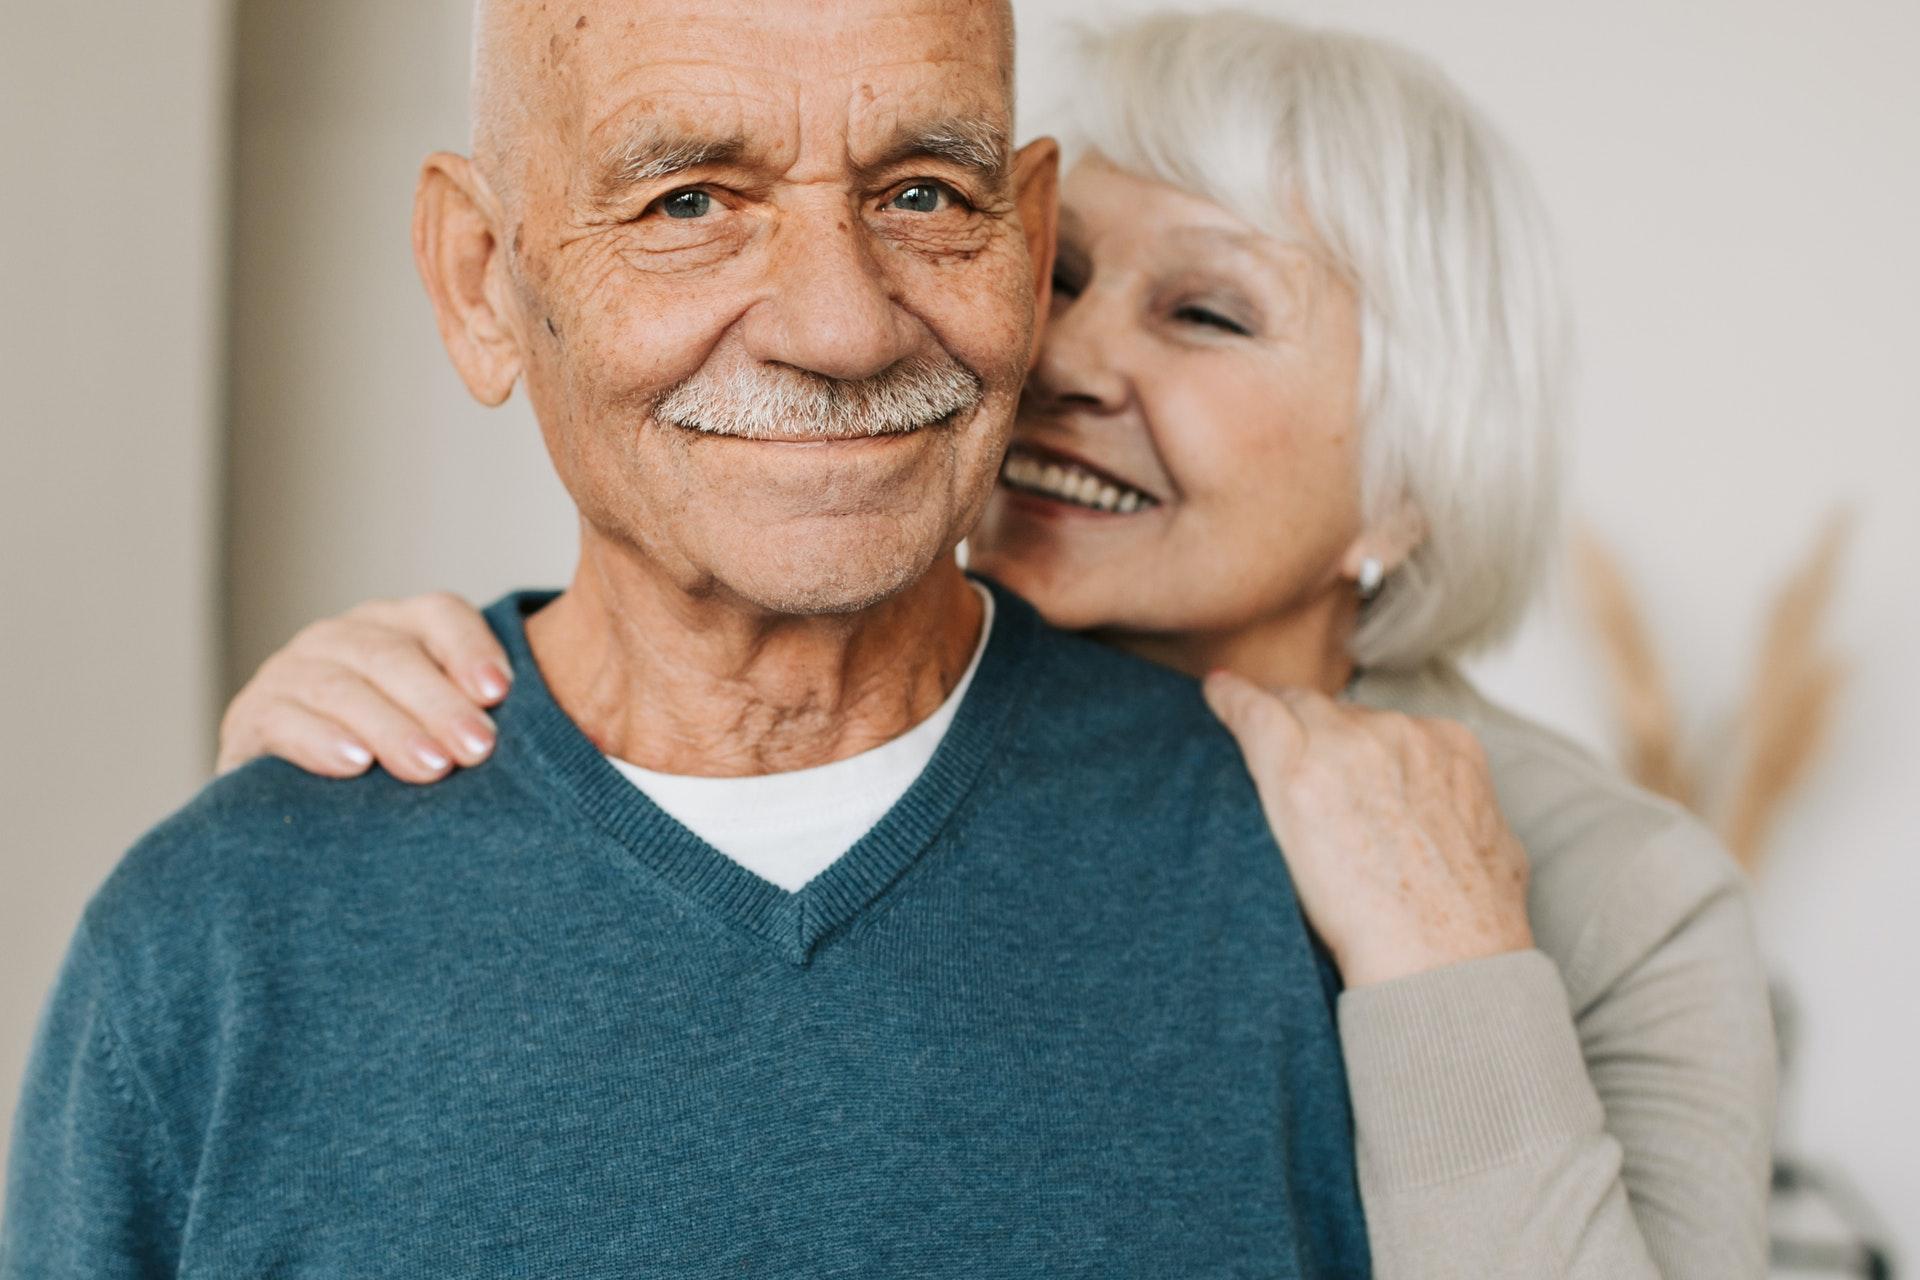 pension bridging